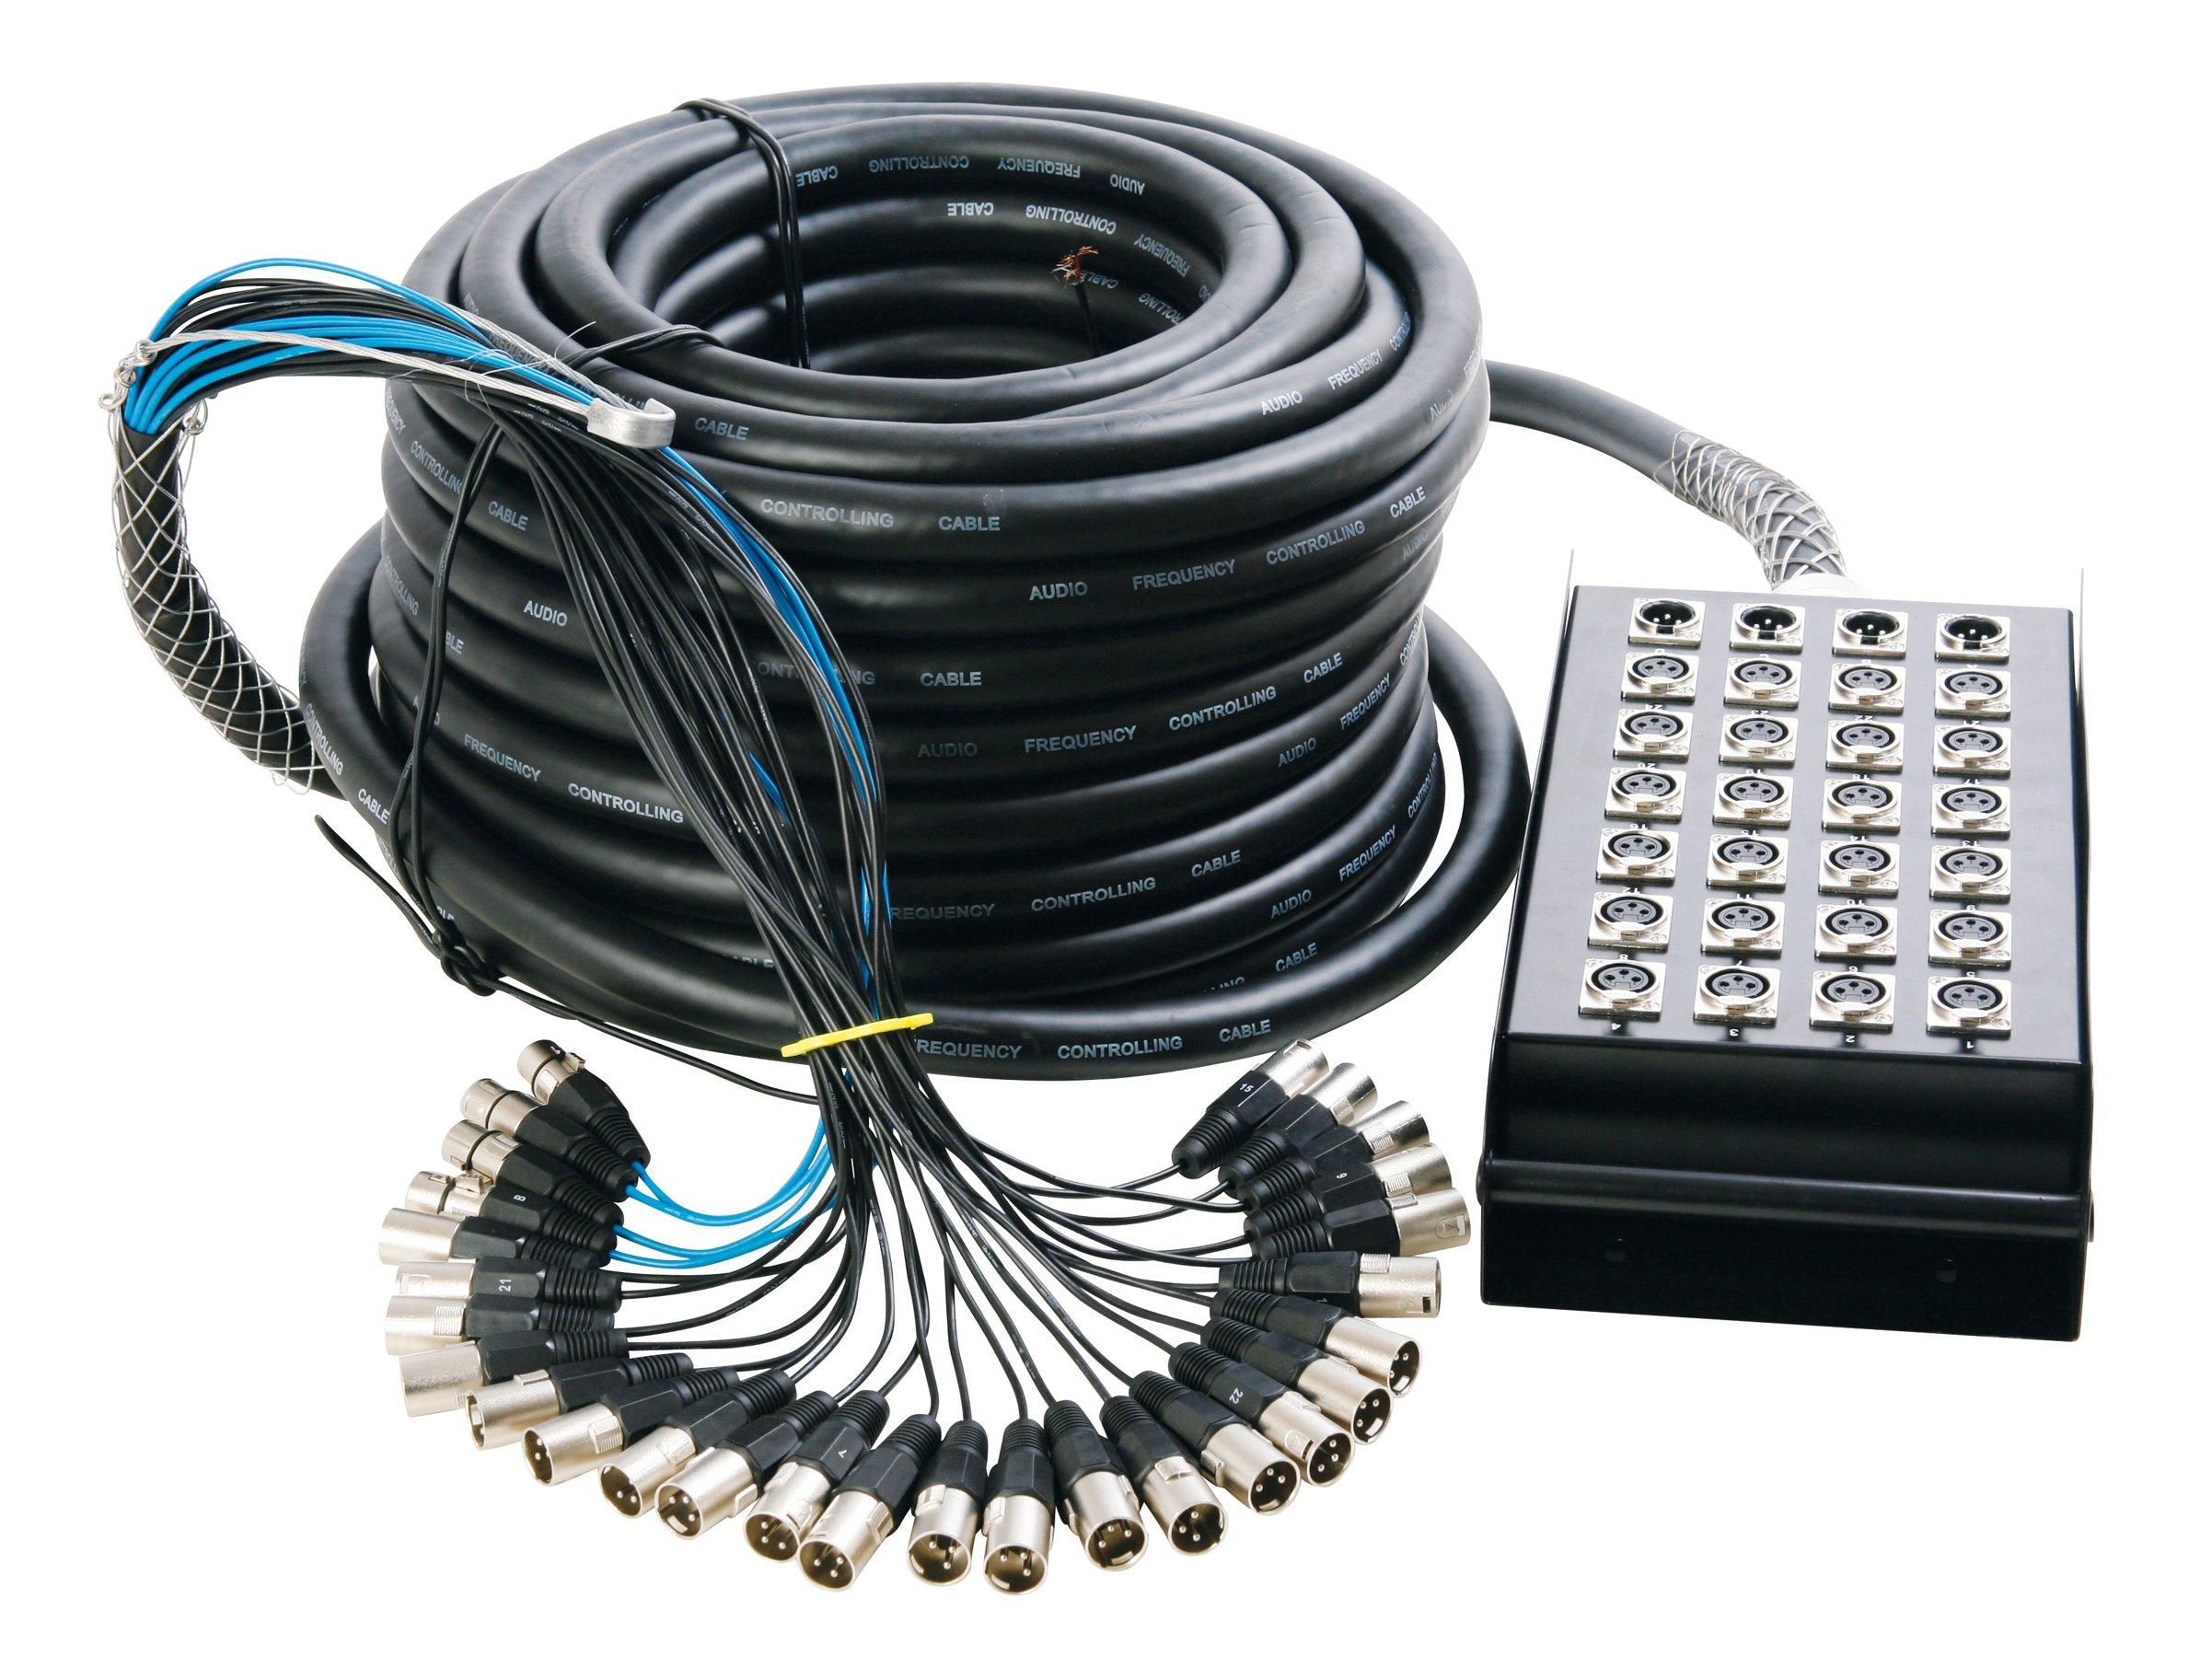 In Line Audio 24 Channel Audio Snake, 50 Feet